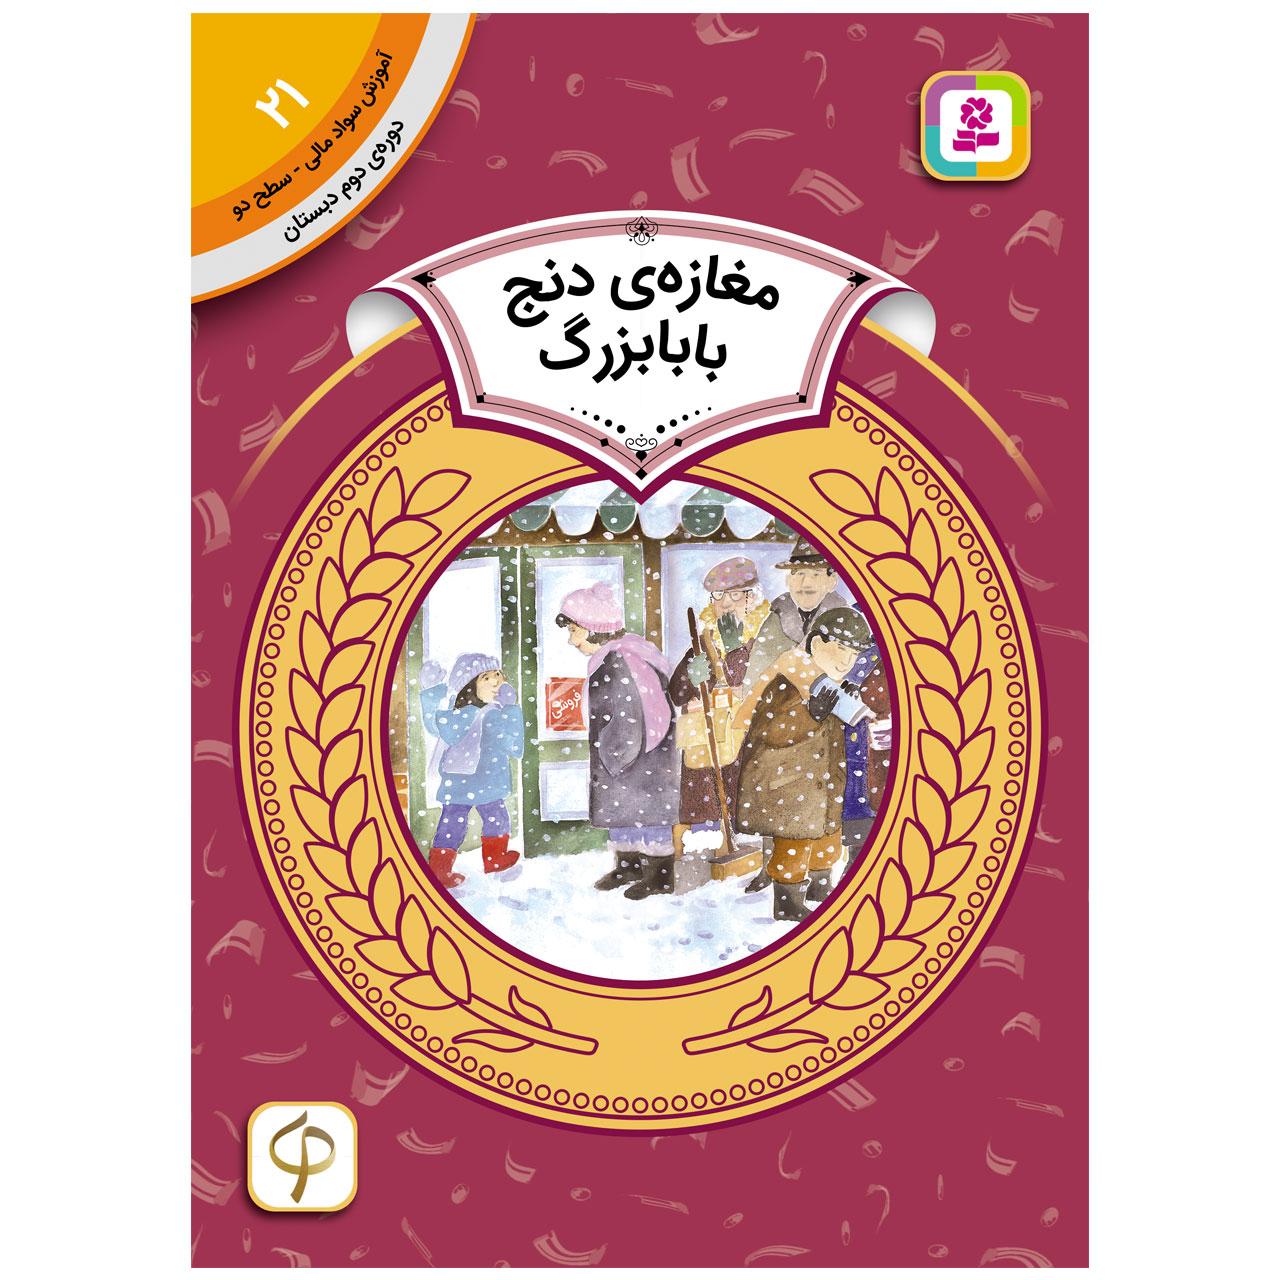 خرید                      کتاب آموزش سواد مالی سطح دو مغازه ی دنج بابا بزرگ اثر دیان دیسلورایان انتشارات قدیانی